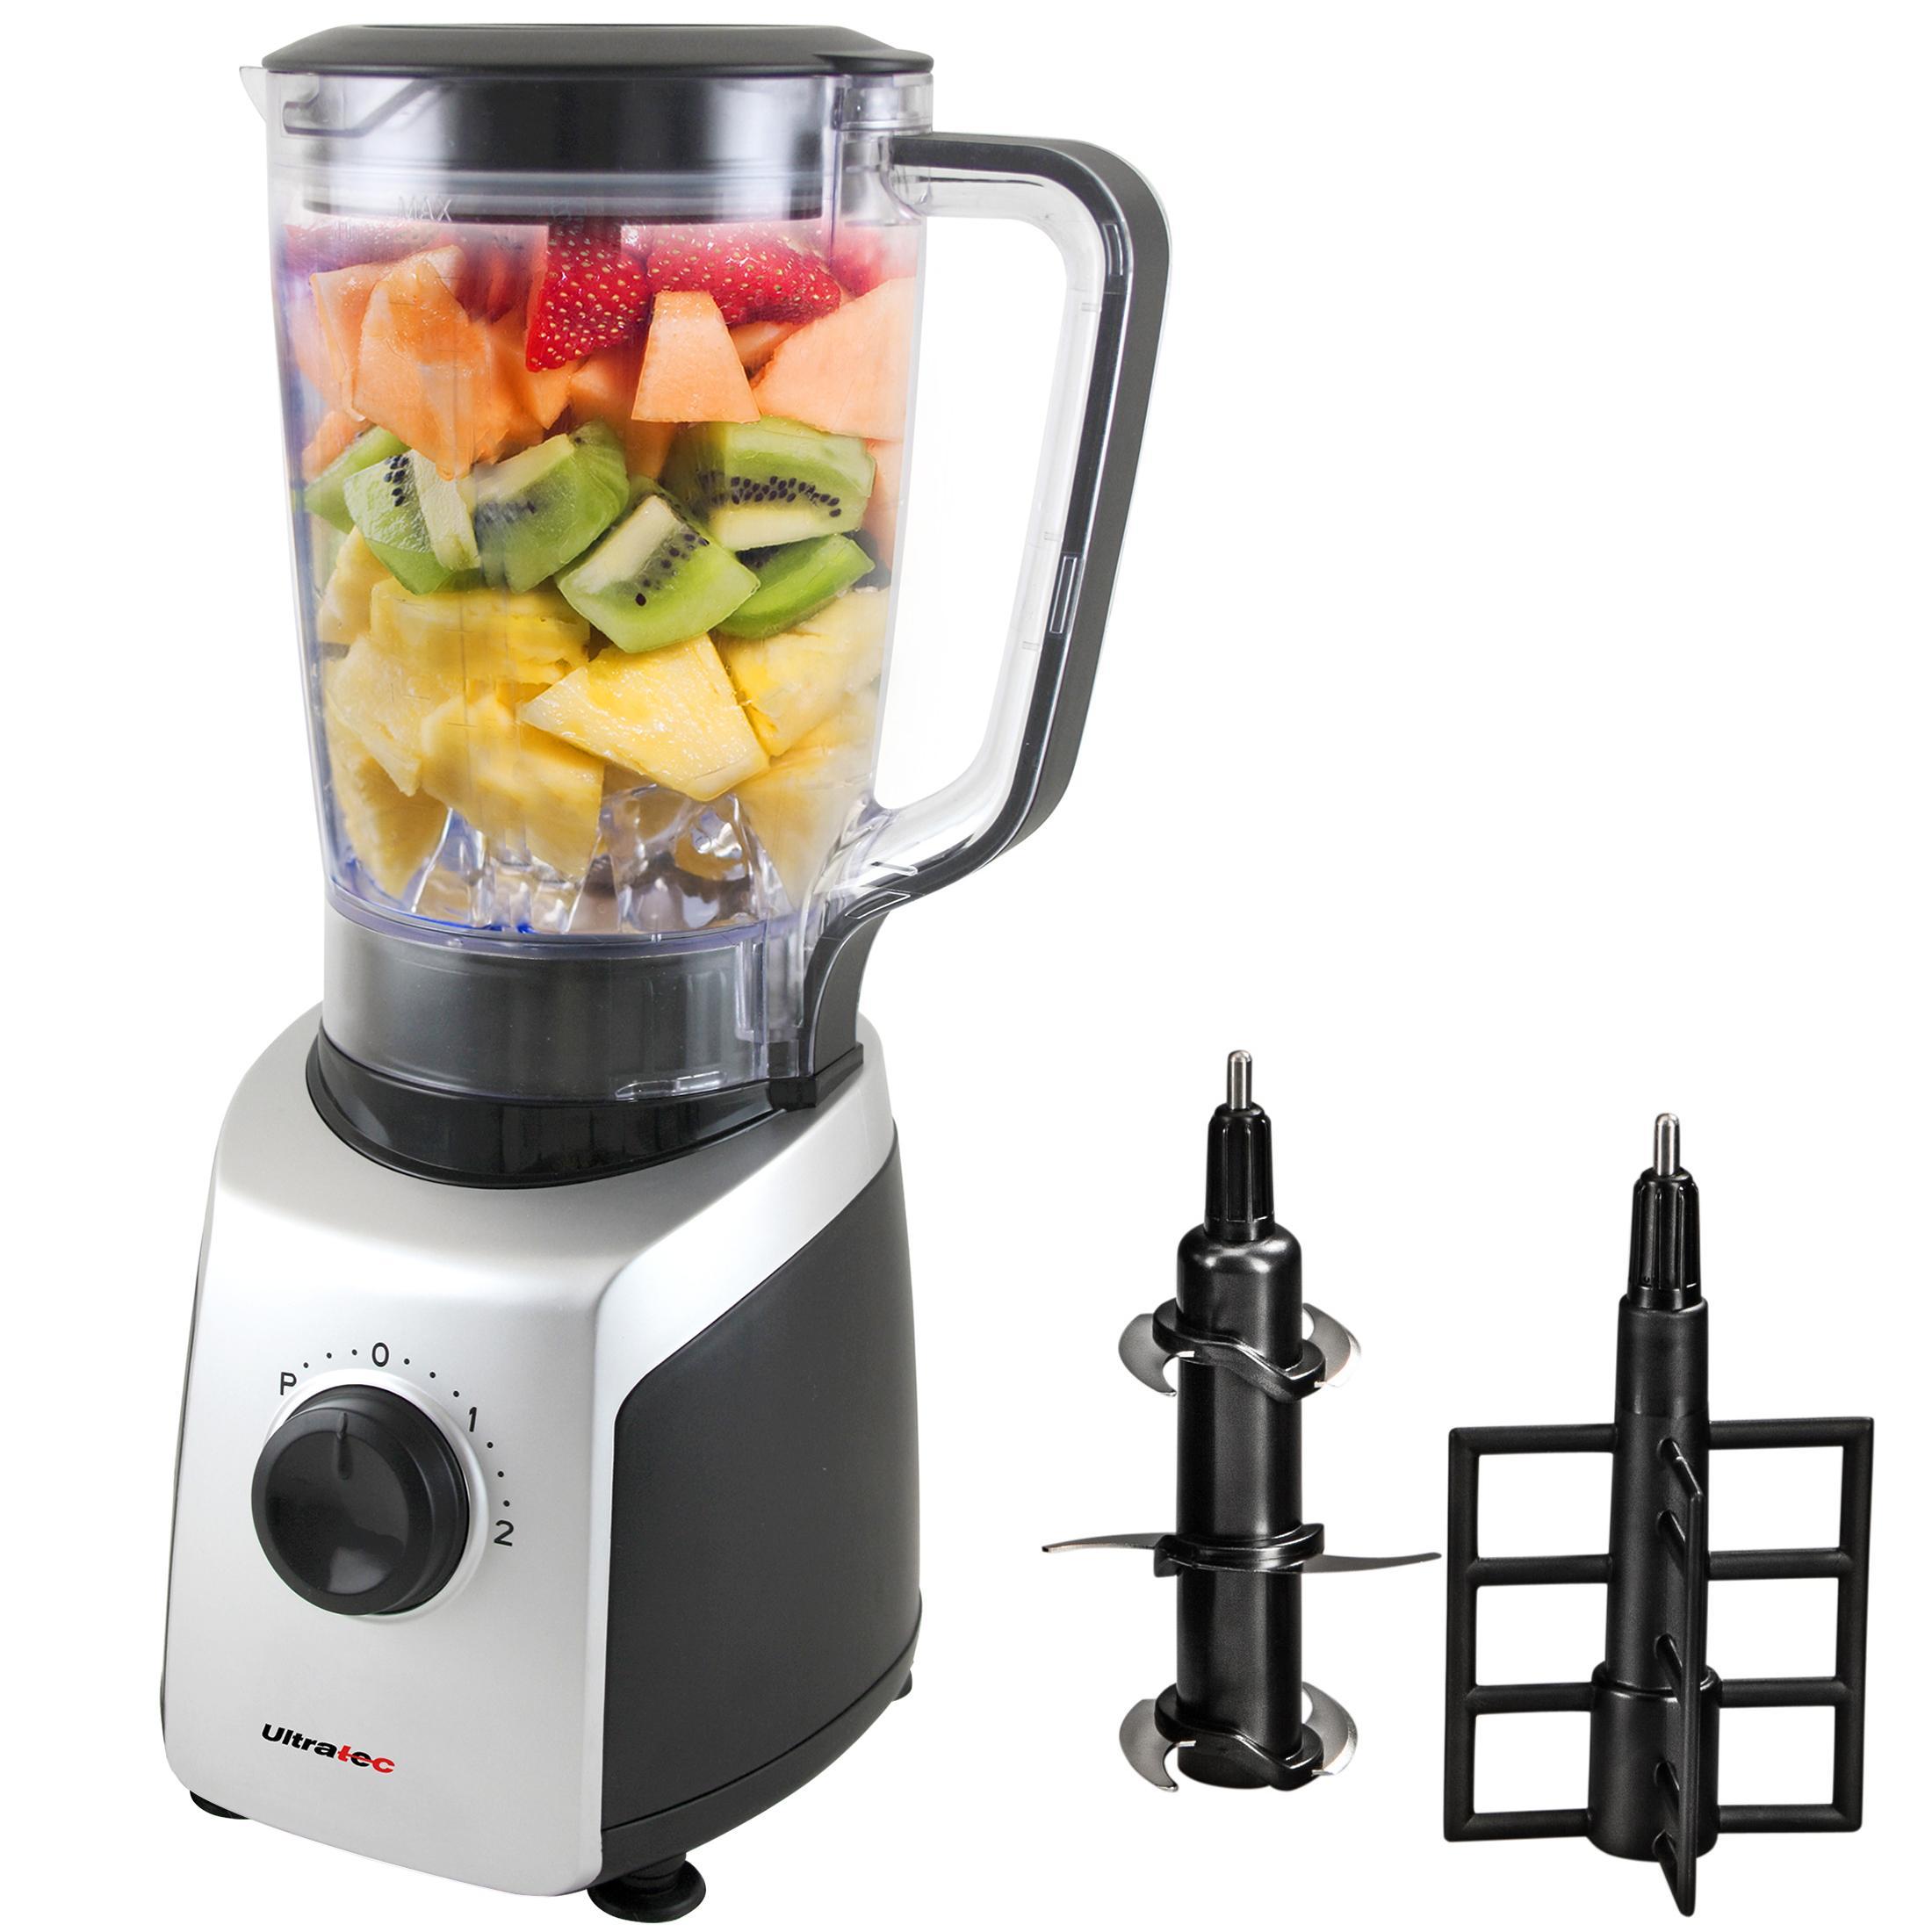 Ultratec cuisine mixeur 1 7 litre avec technologie spatial for Technologie cuisine